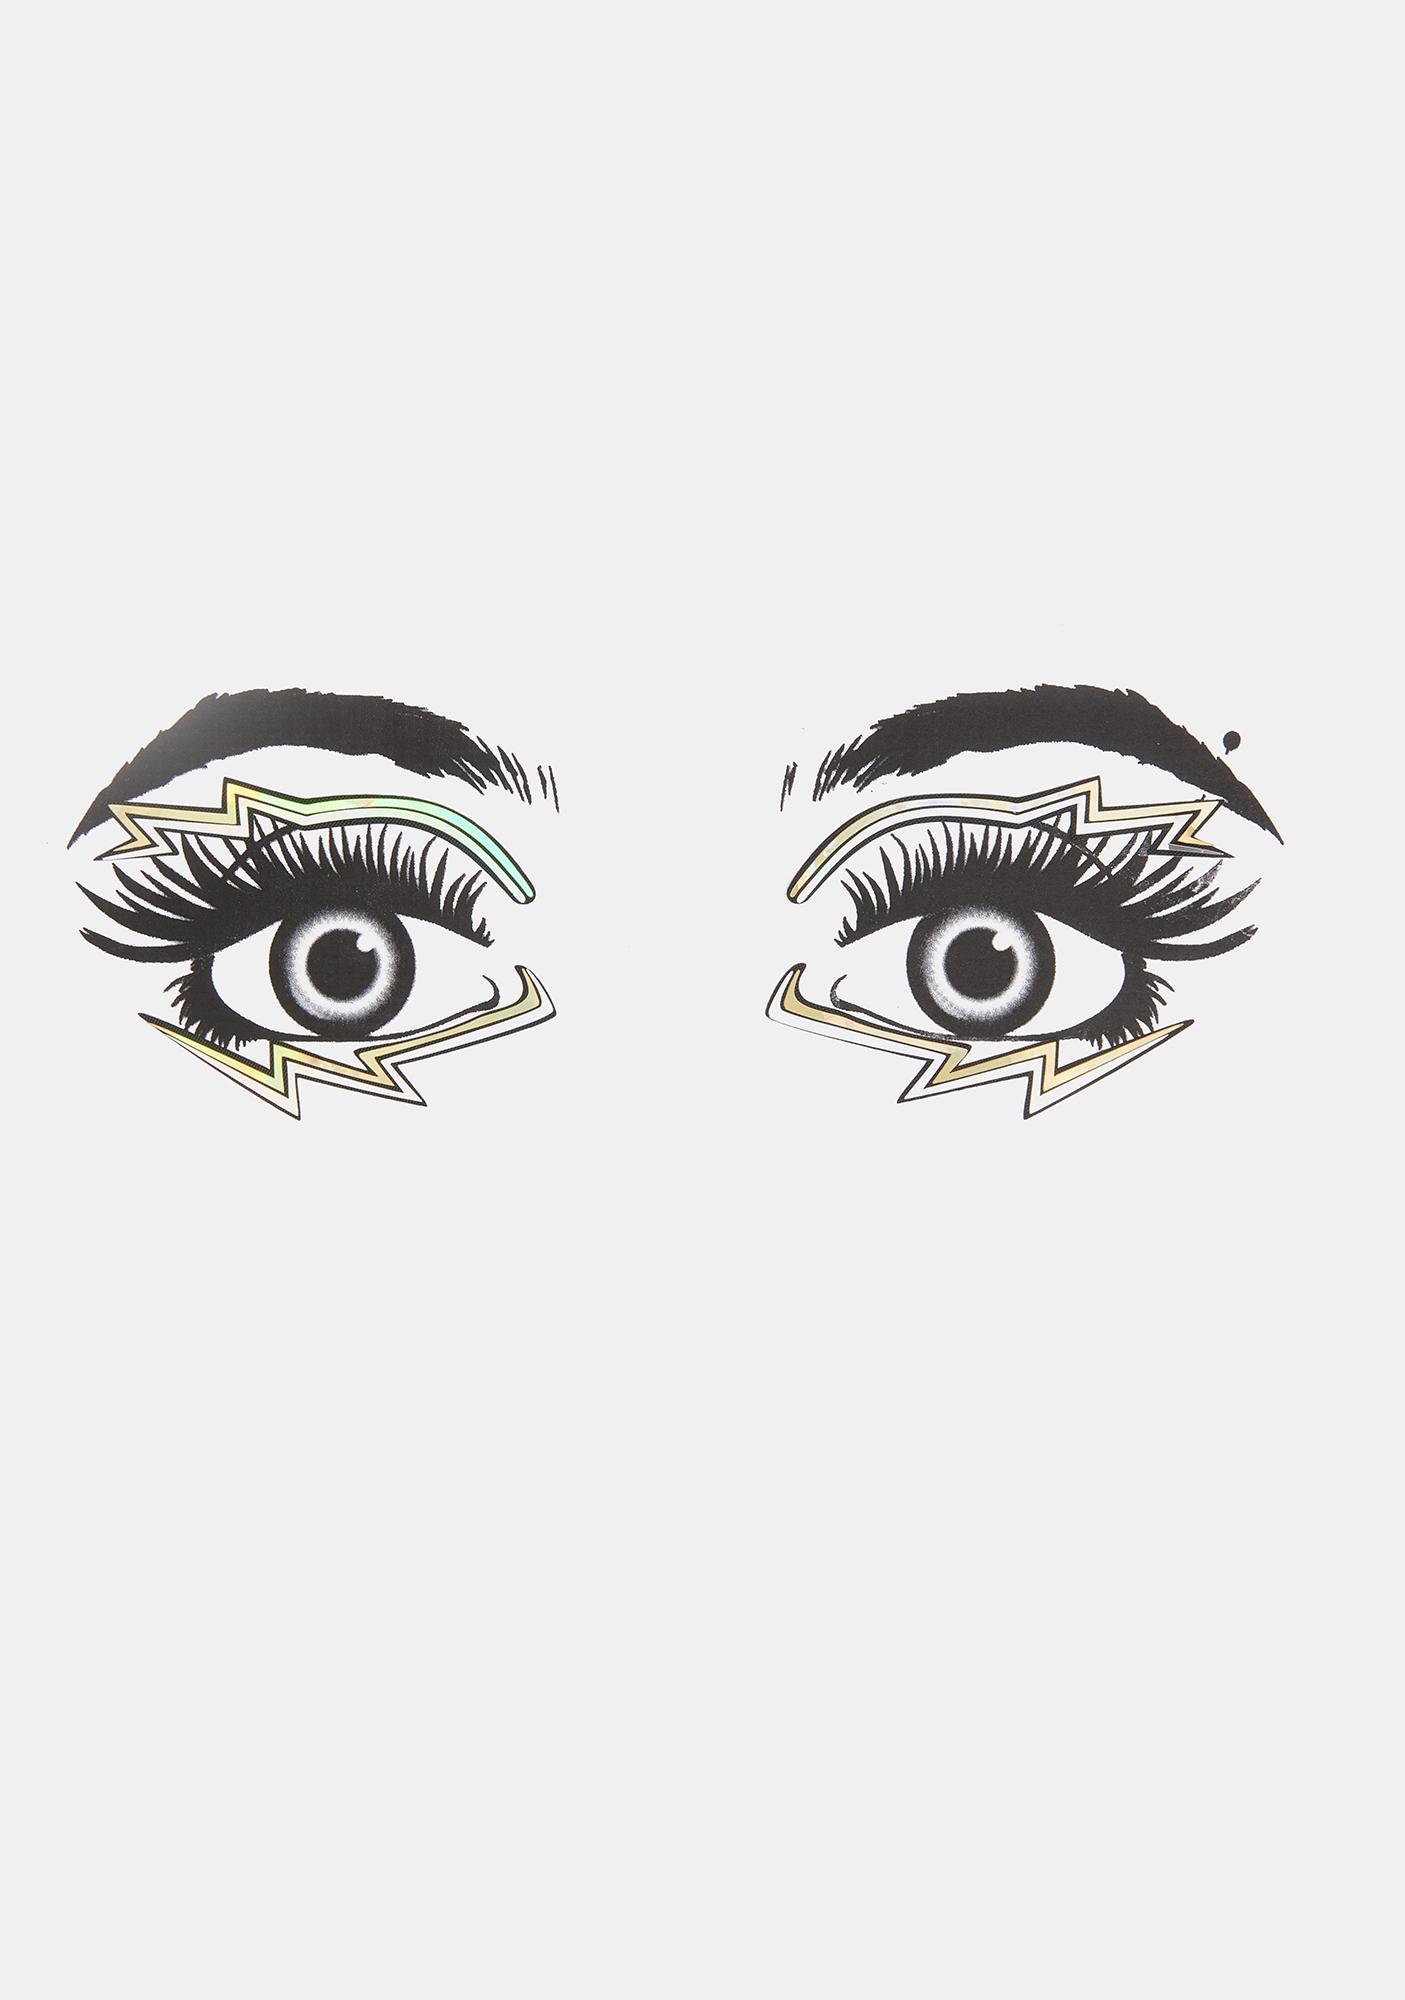 Face Lace Holograflicks Eye Lace